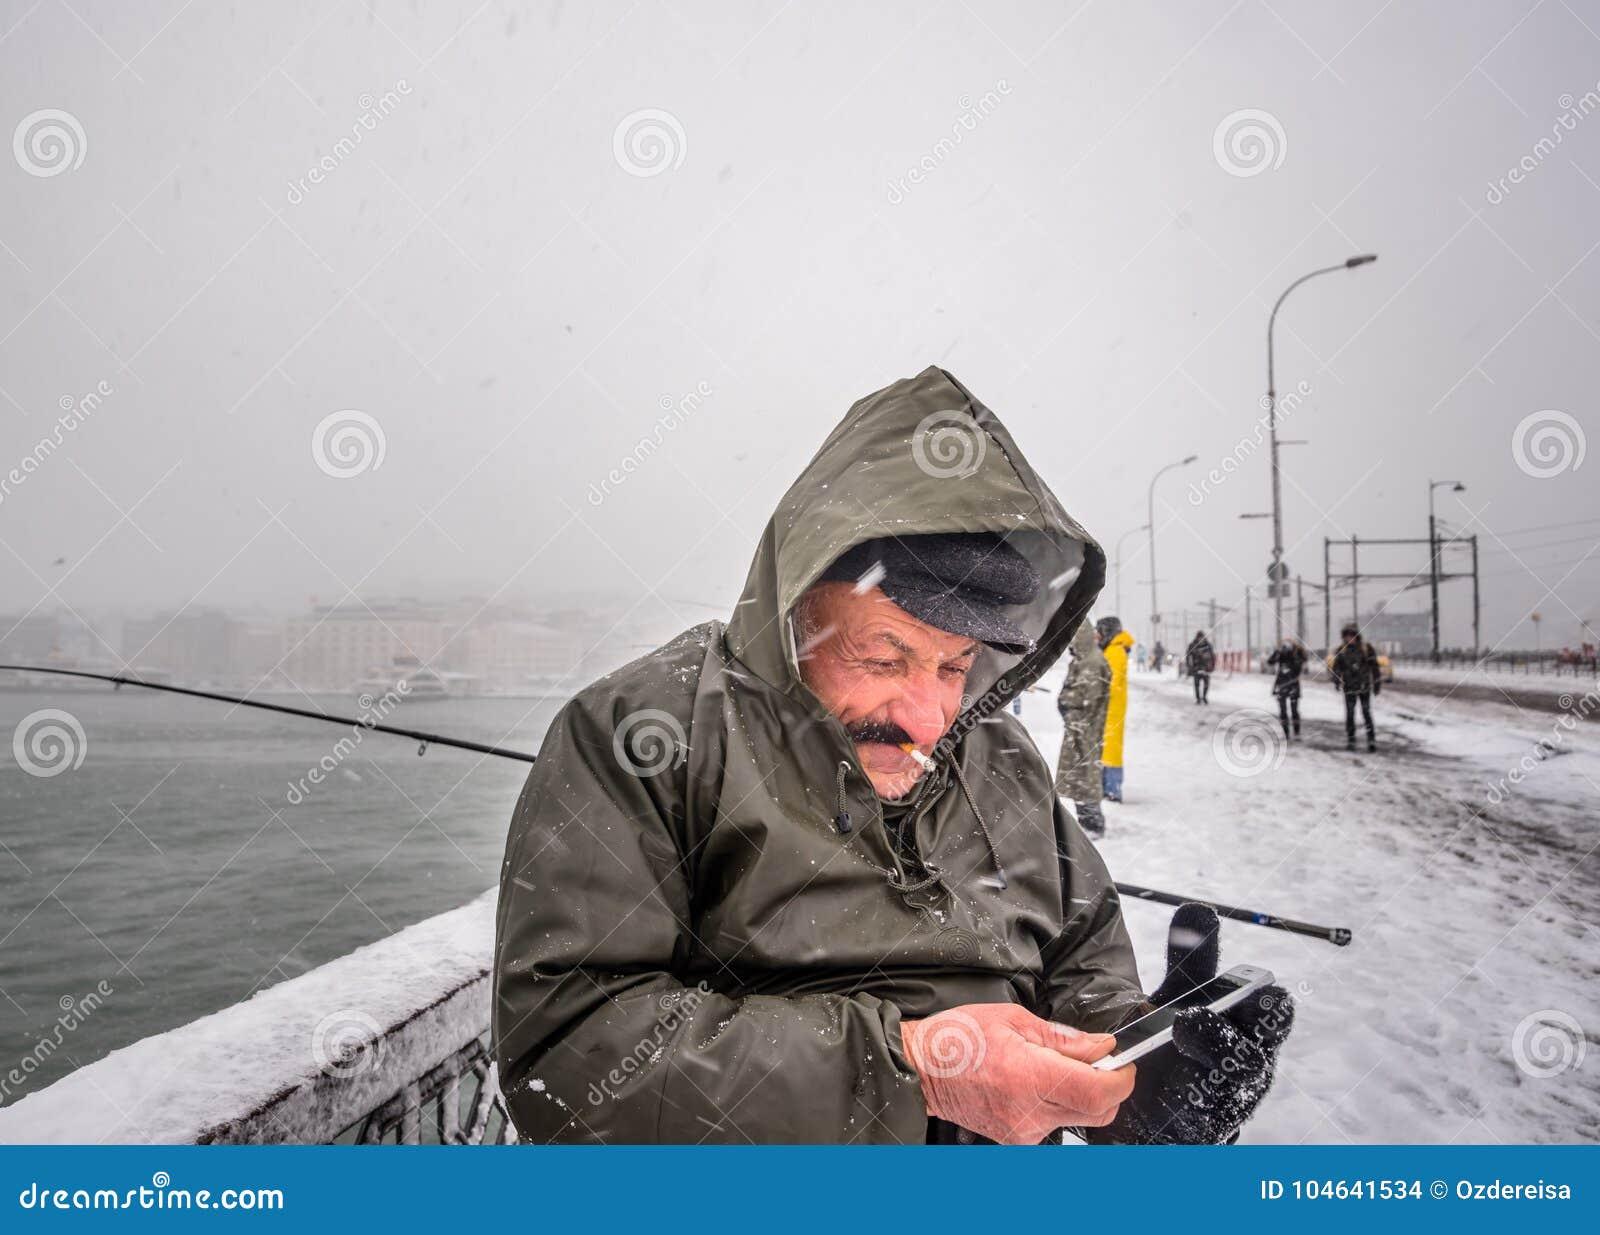 Download Niet Geïdentificeerde Mens Die Op De Galatabrug Vissen Op Een Sneeuwdag In De Winter Redactionele Stock Afbeelding - Afbeelding bestaande uit mensen, hoorn: 104641534